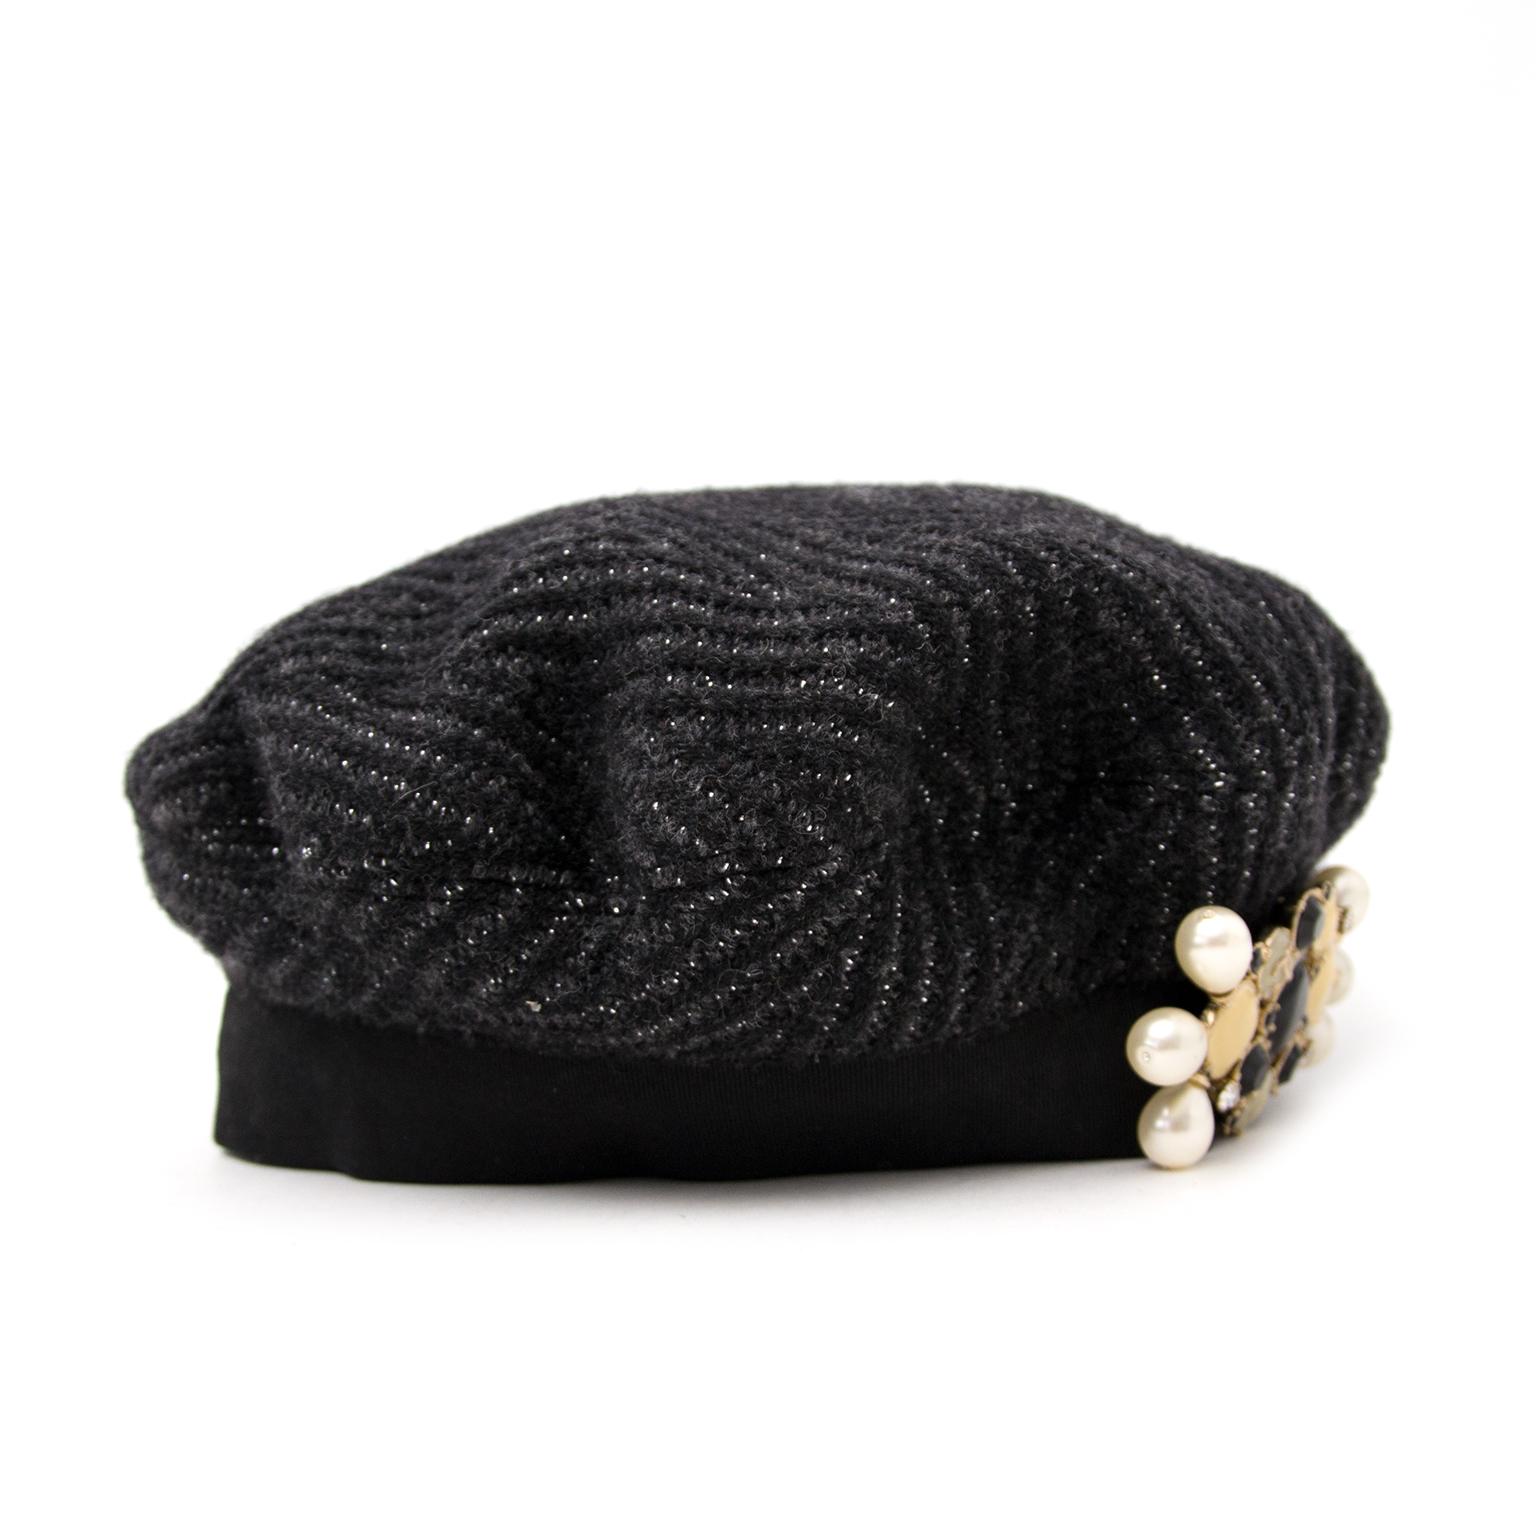 Achetez sans risque un vrai Chanel gris béret sur www.labellov.com au meilleur prix.